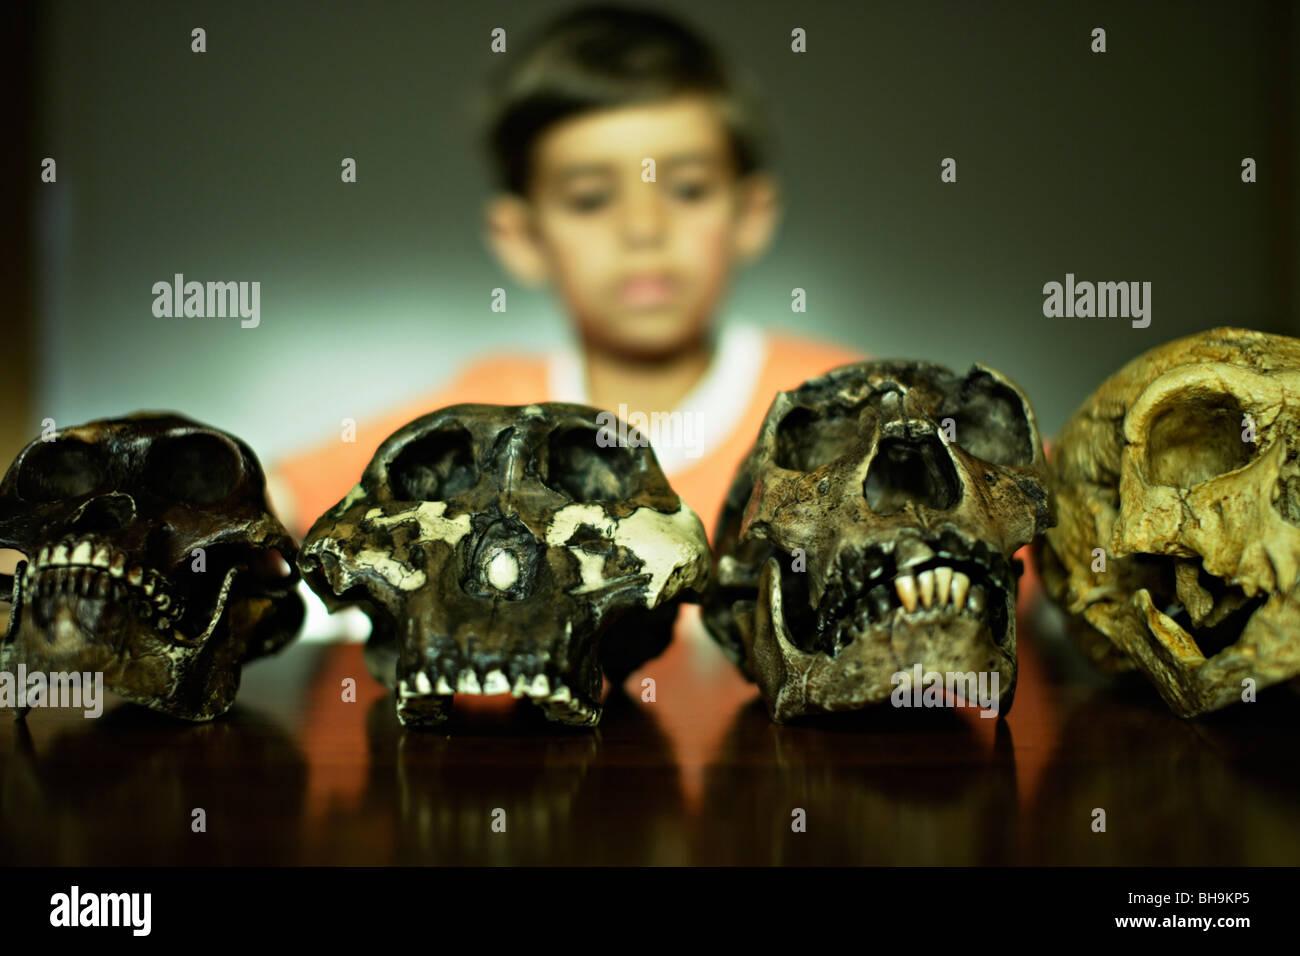 Ragazzo guarda la riproduzione di teschi di estinzione antenati umani Immagini Stock